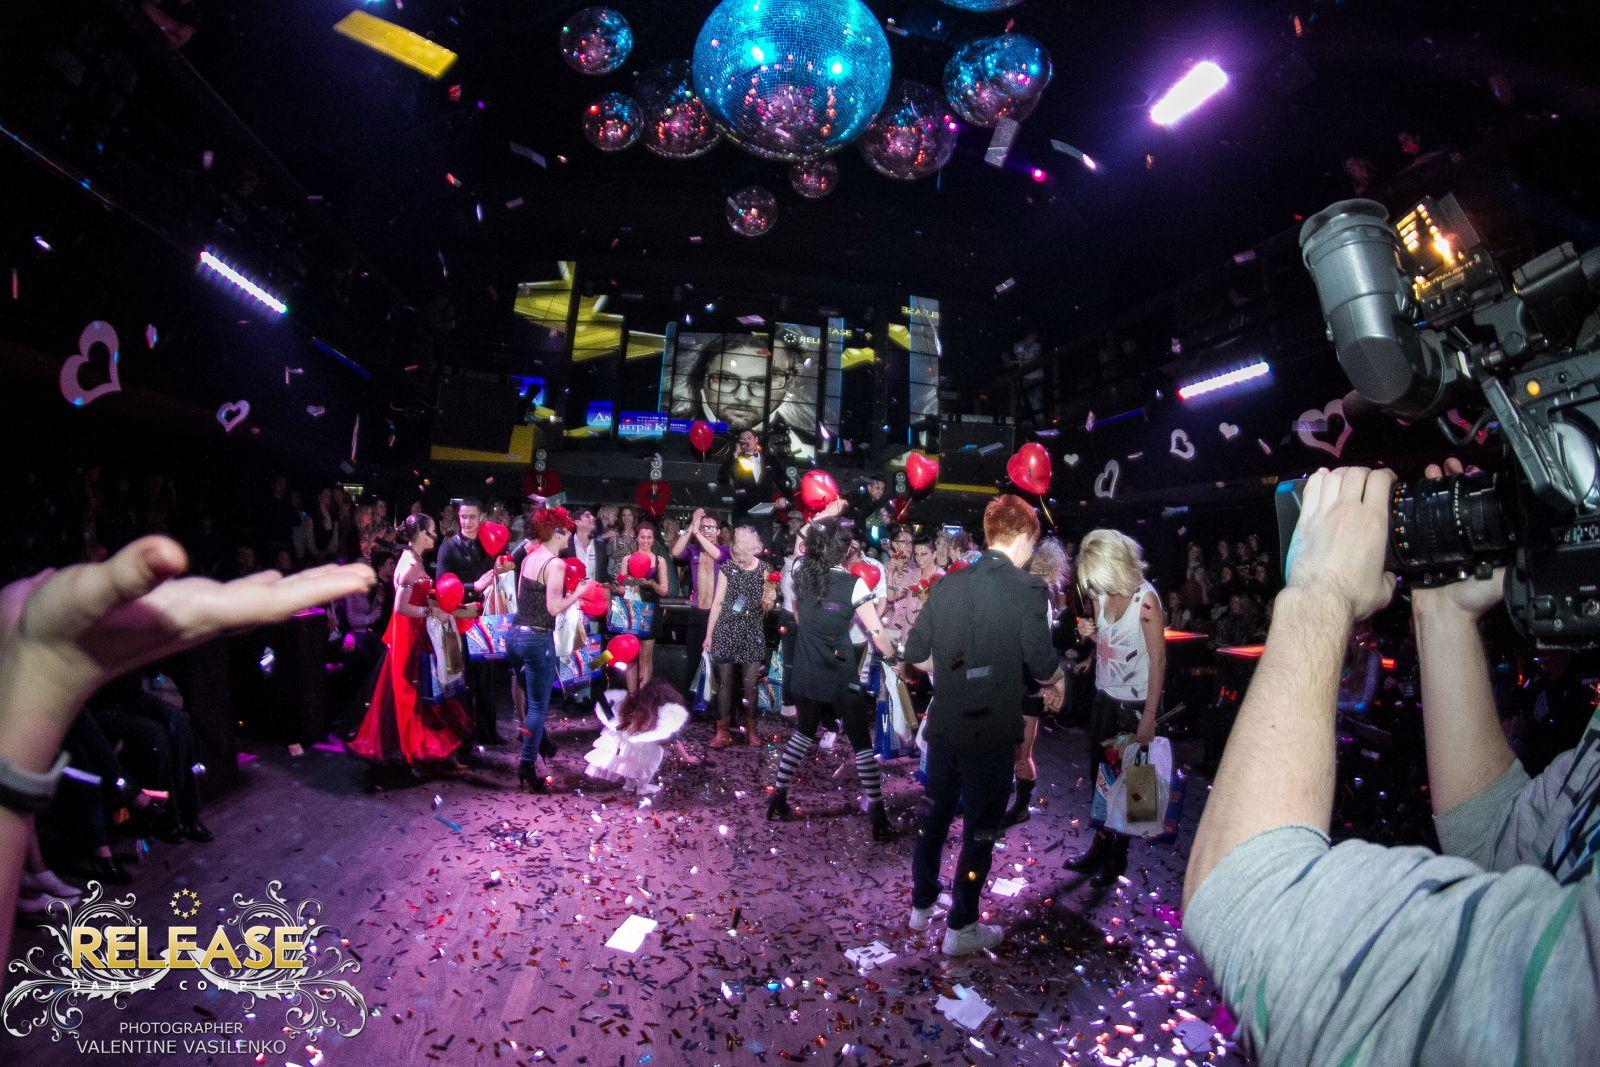 Невероятное шоу от Release Dance Complex - фото №1